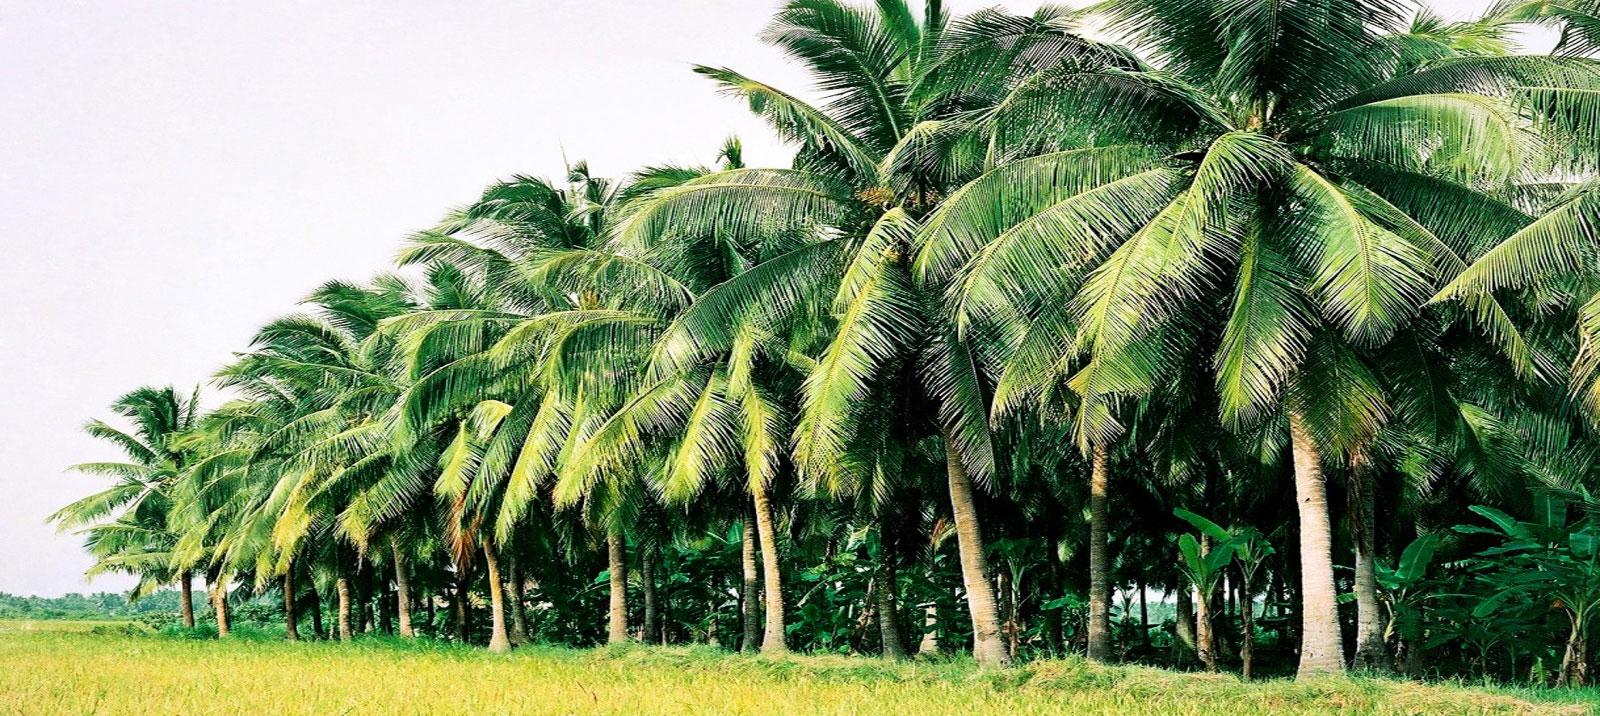 Những rặng dừa xanh cực đẹp